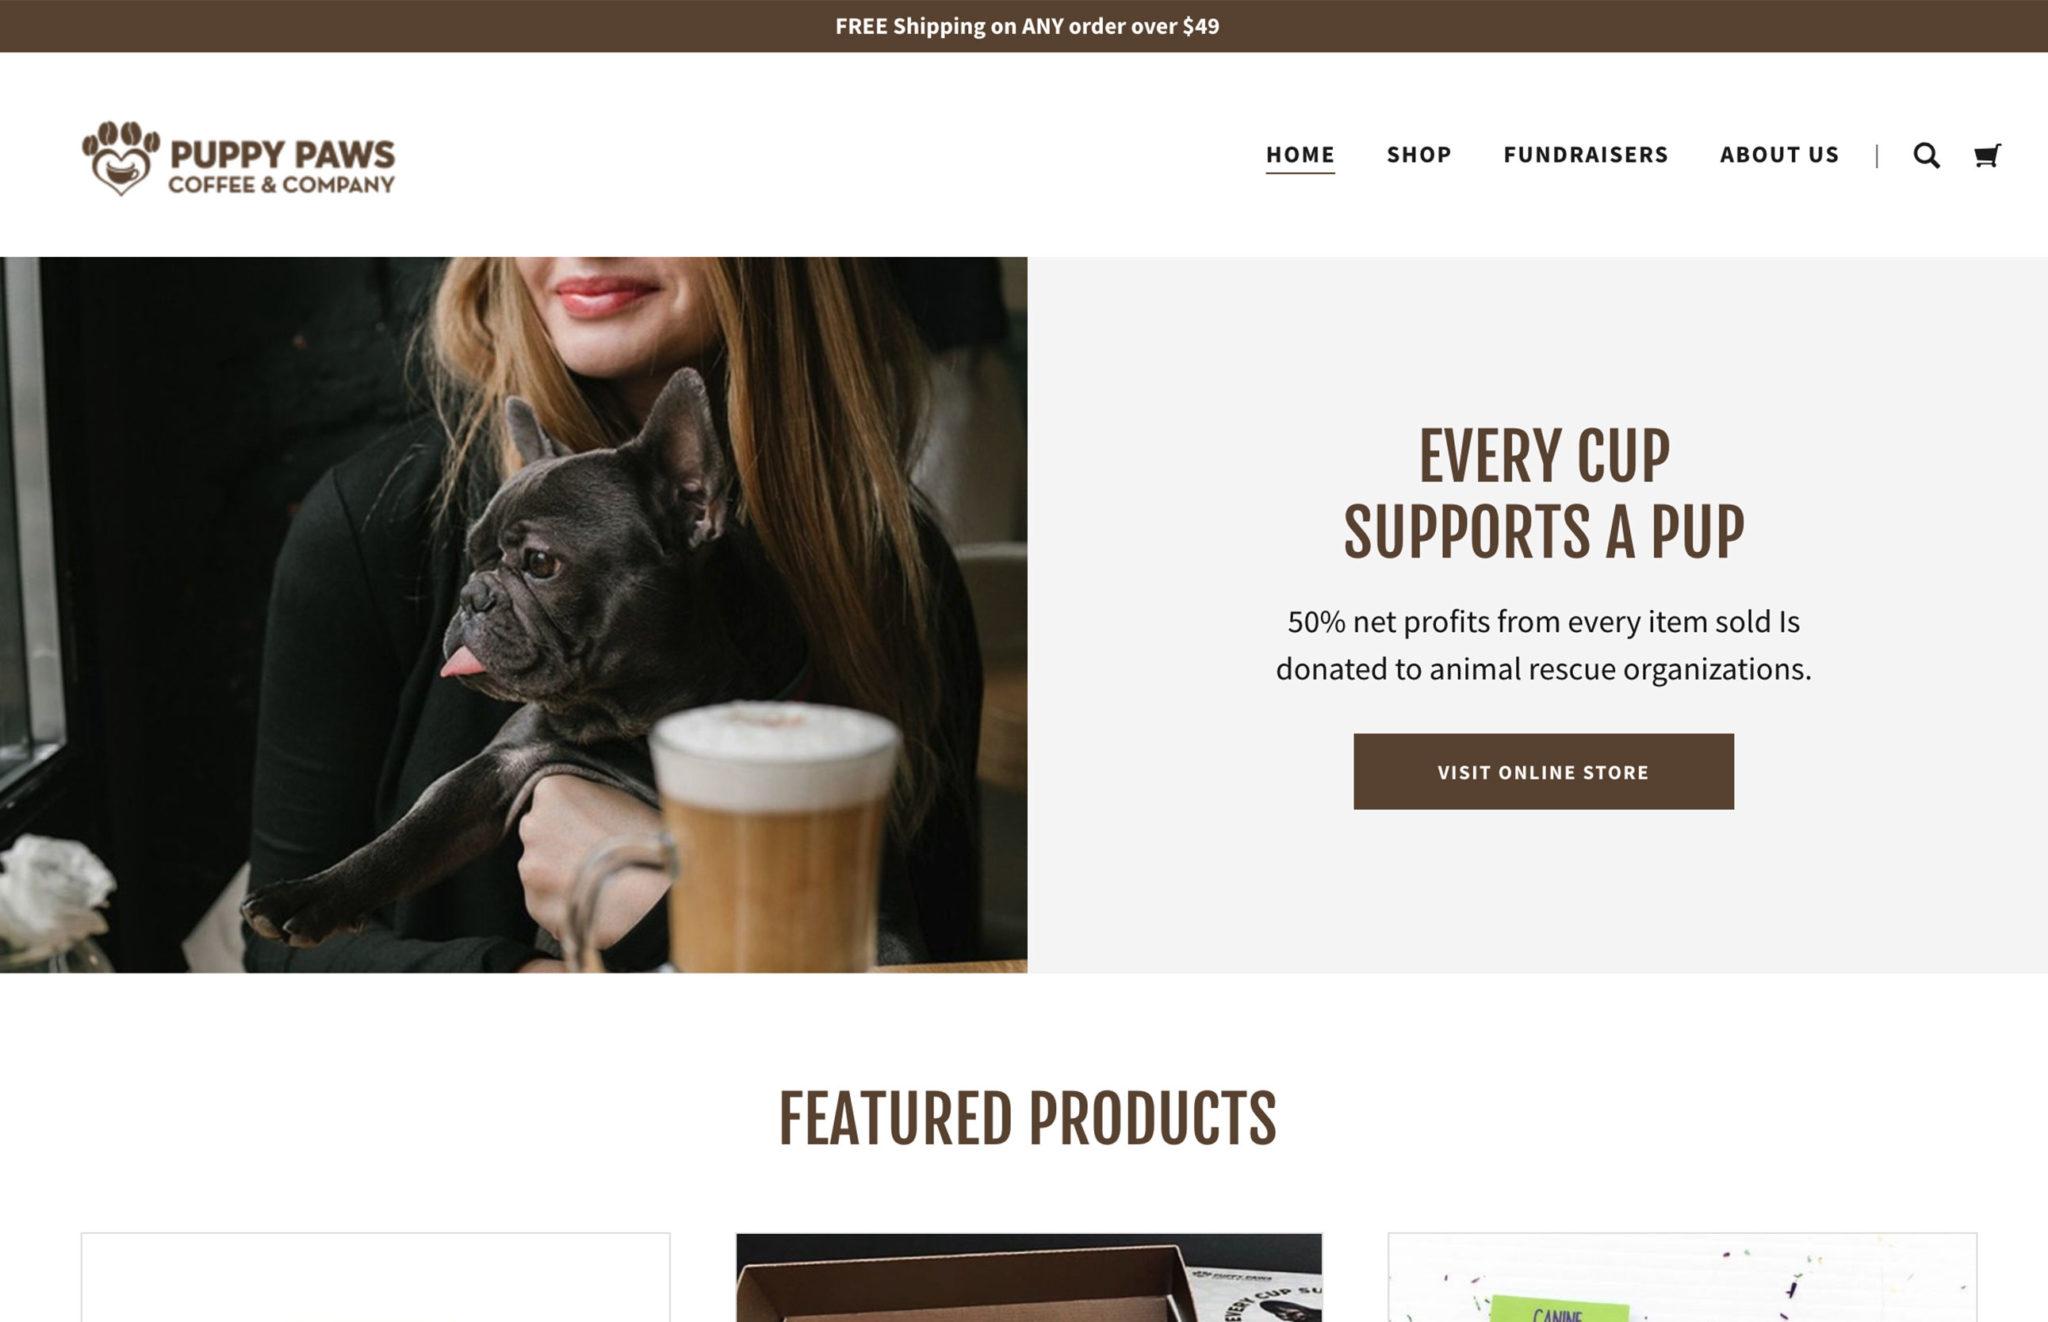 puppy paws website screenshot